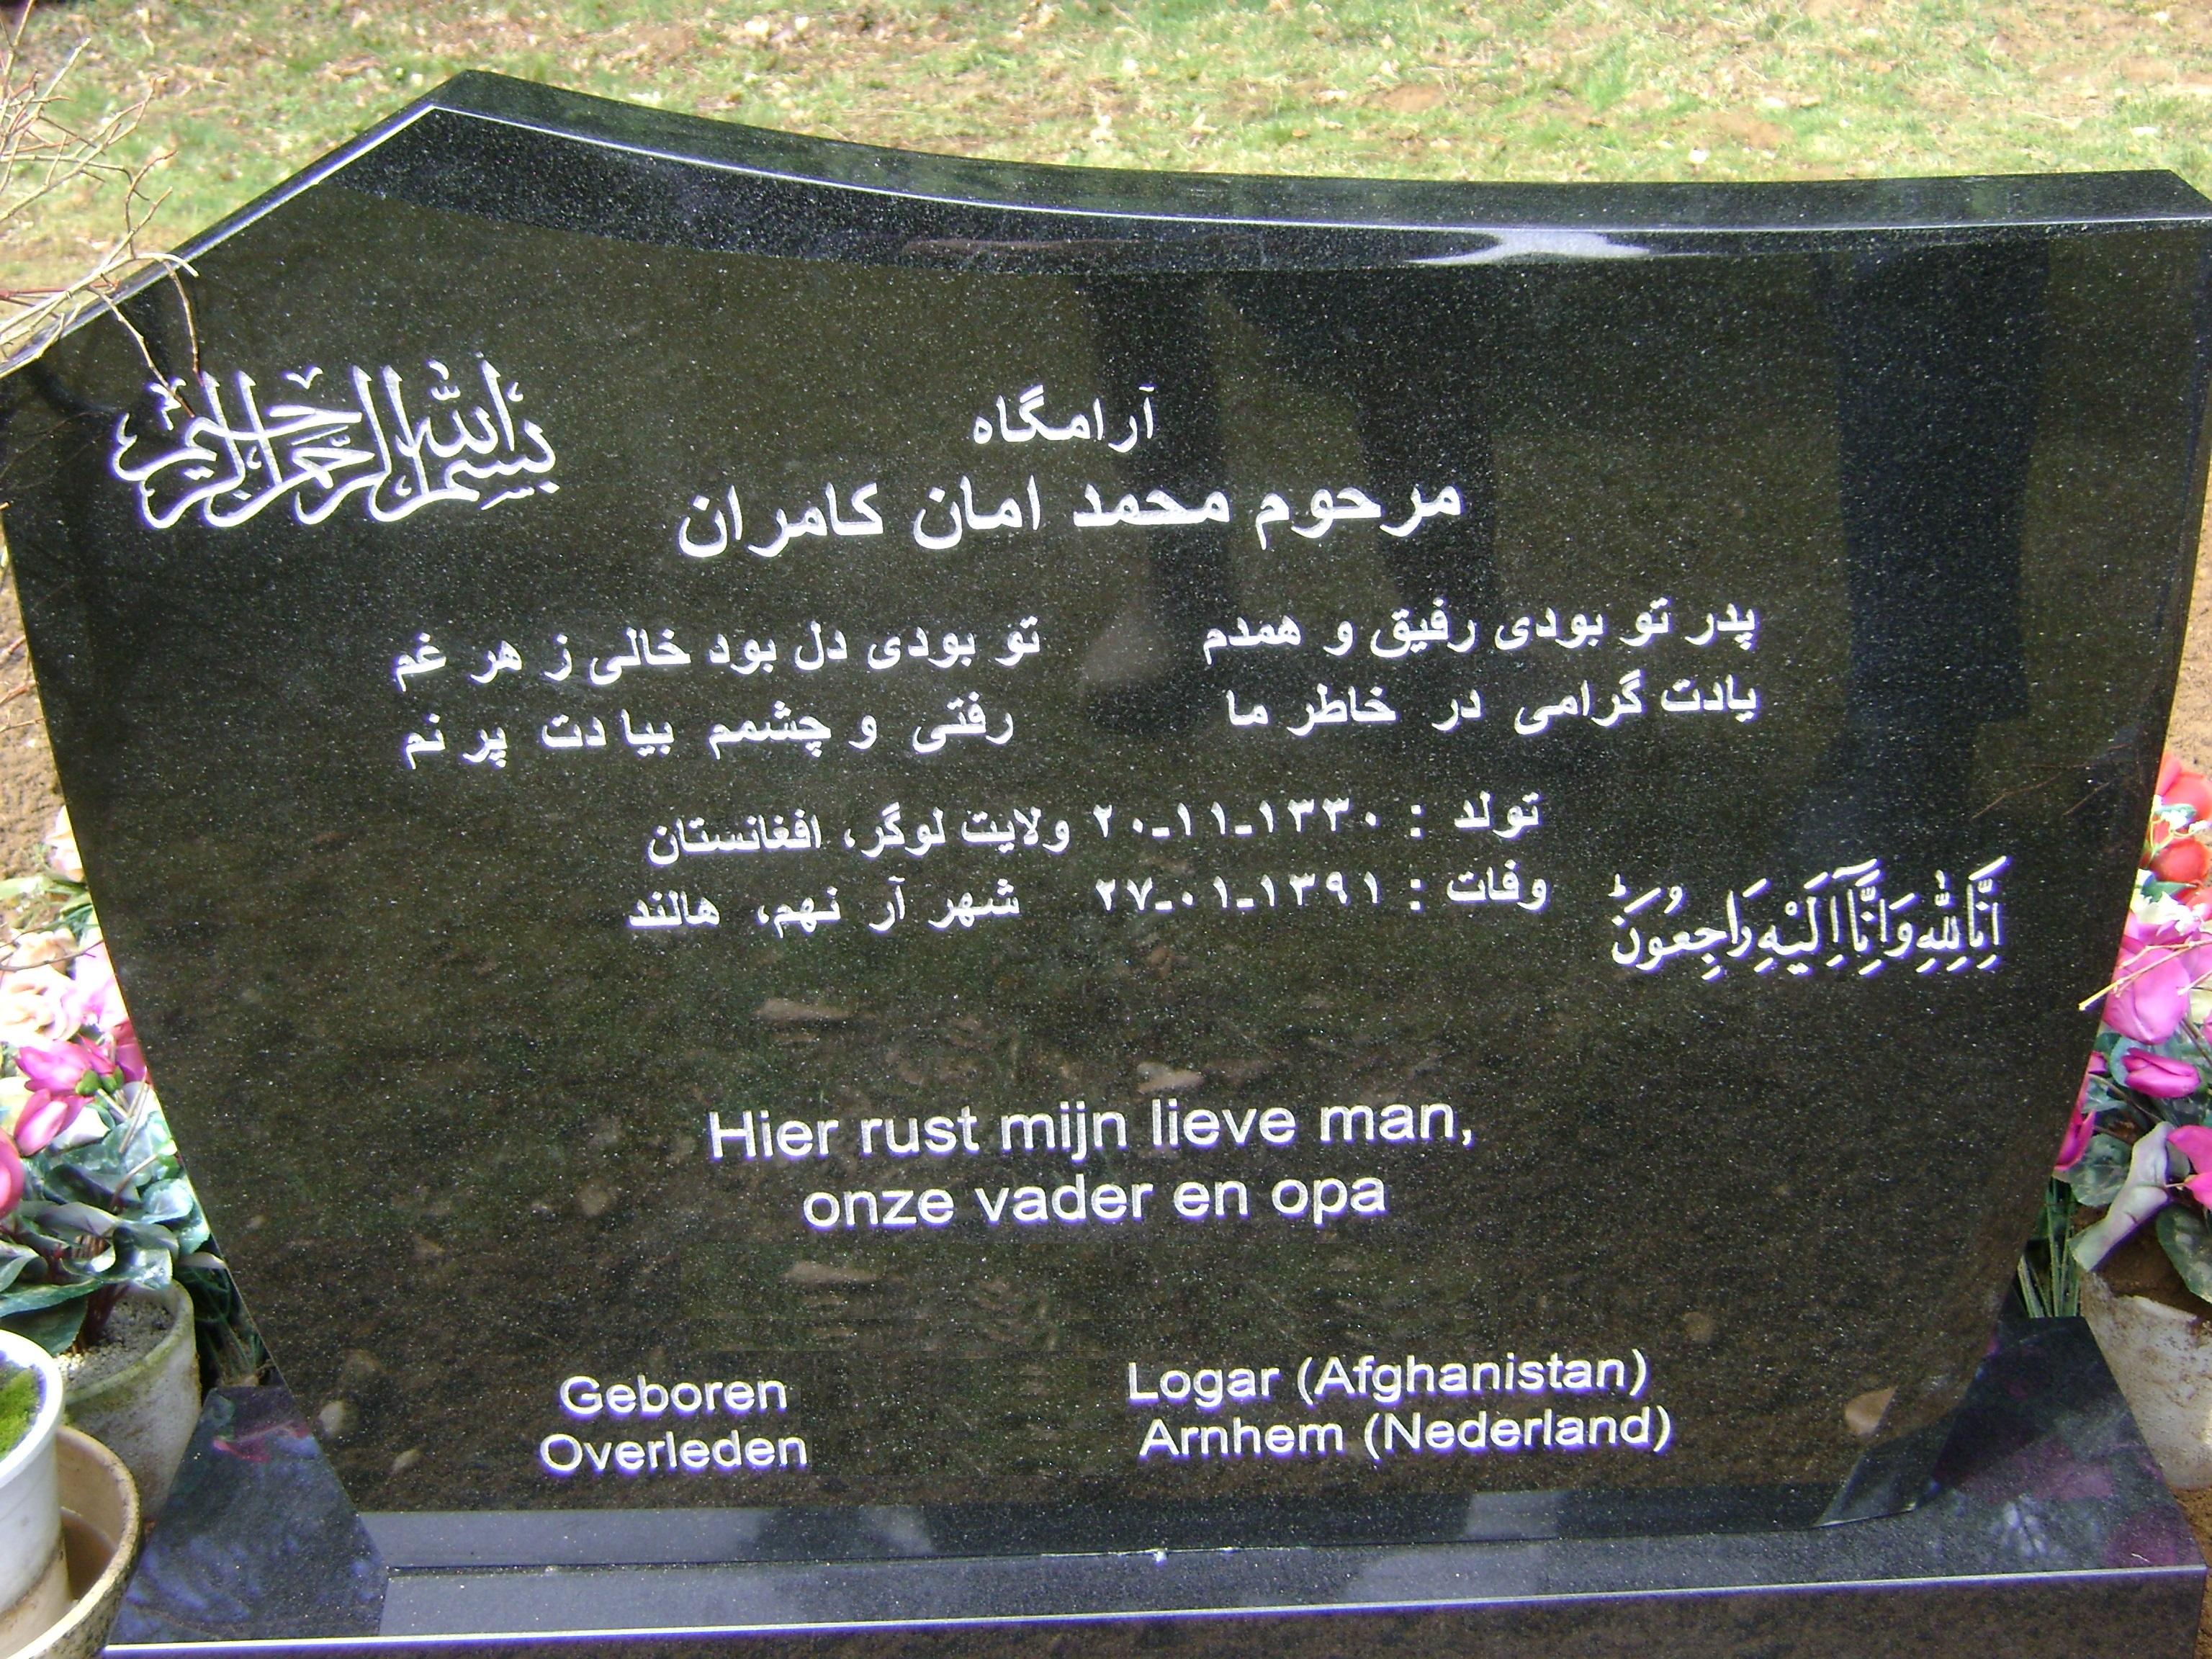 Arabische teksten ook mogelijk